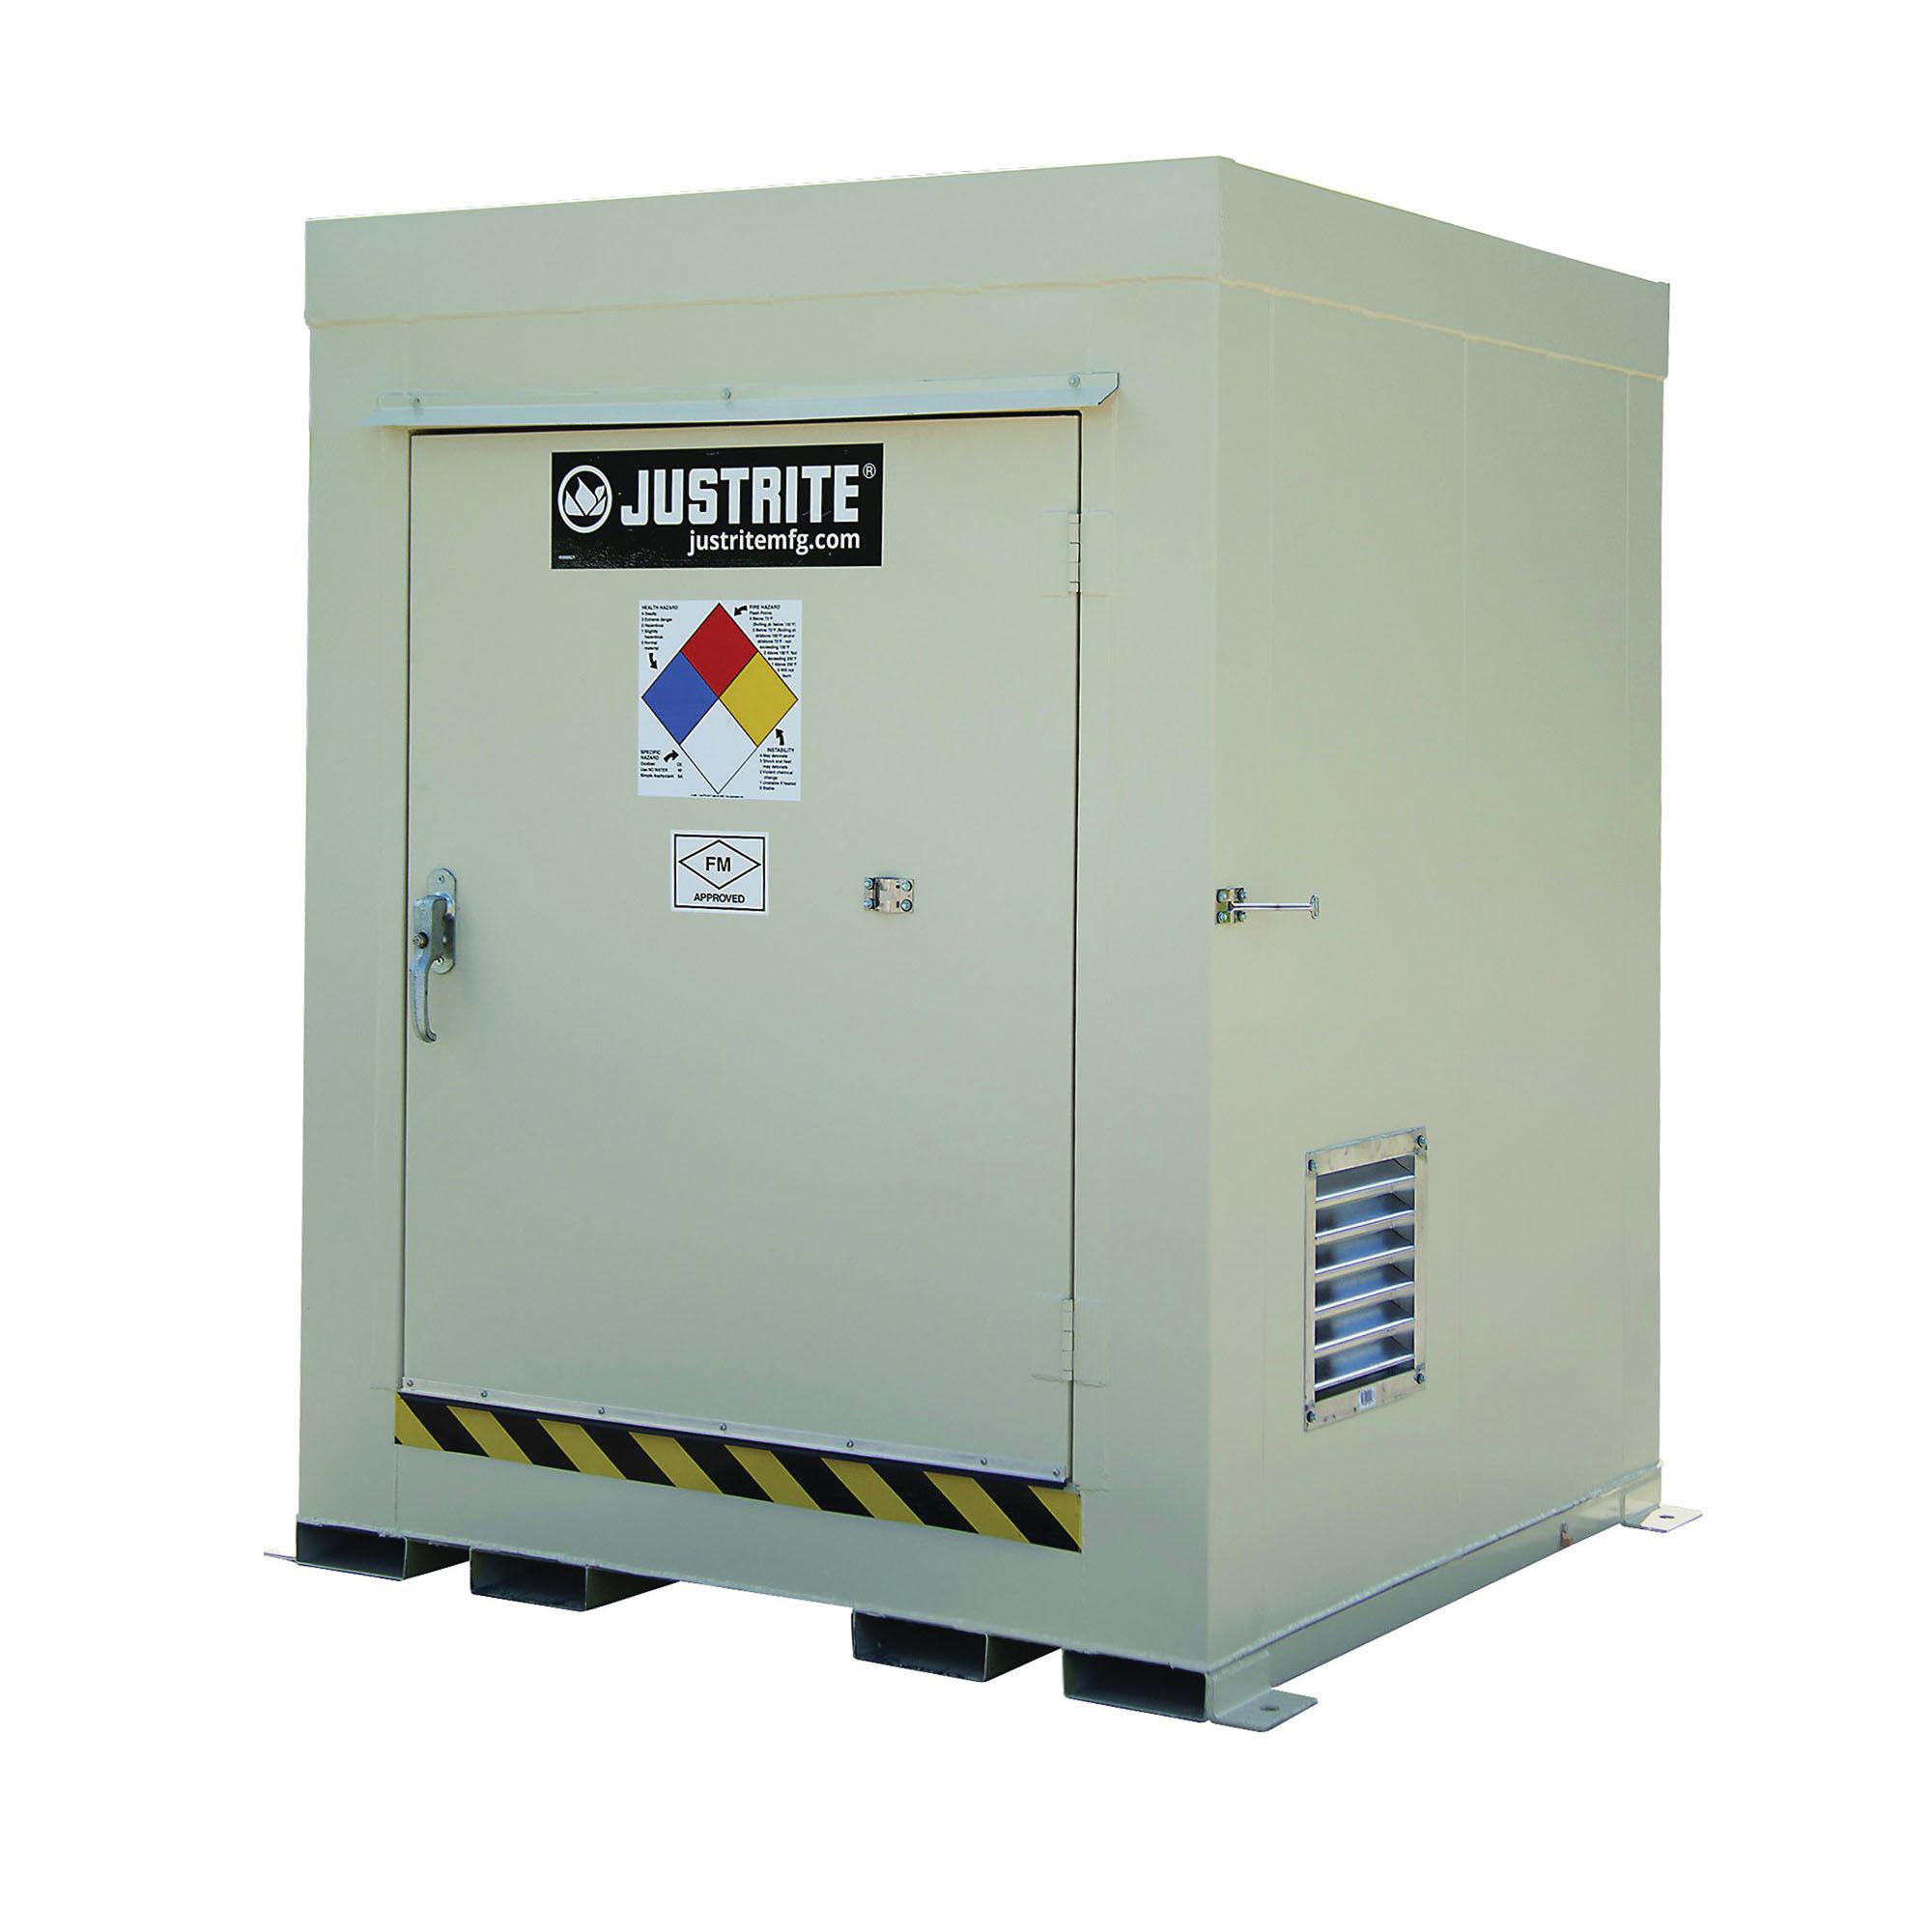 Justrite® 911041 Non-Combustible Outdoor Safety Locker, 75 in H x 60 in W x 60 in D, Standard Door, 1 Doors, Heavy Gauge Steel, Bone